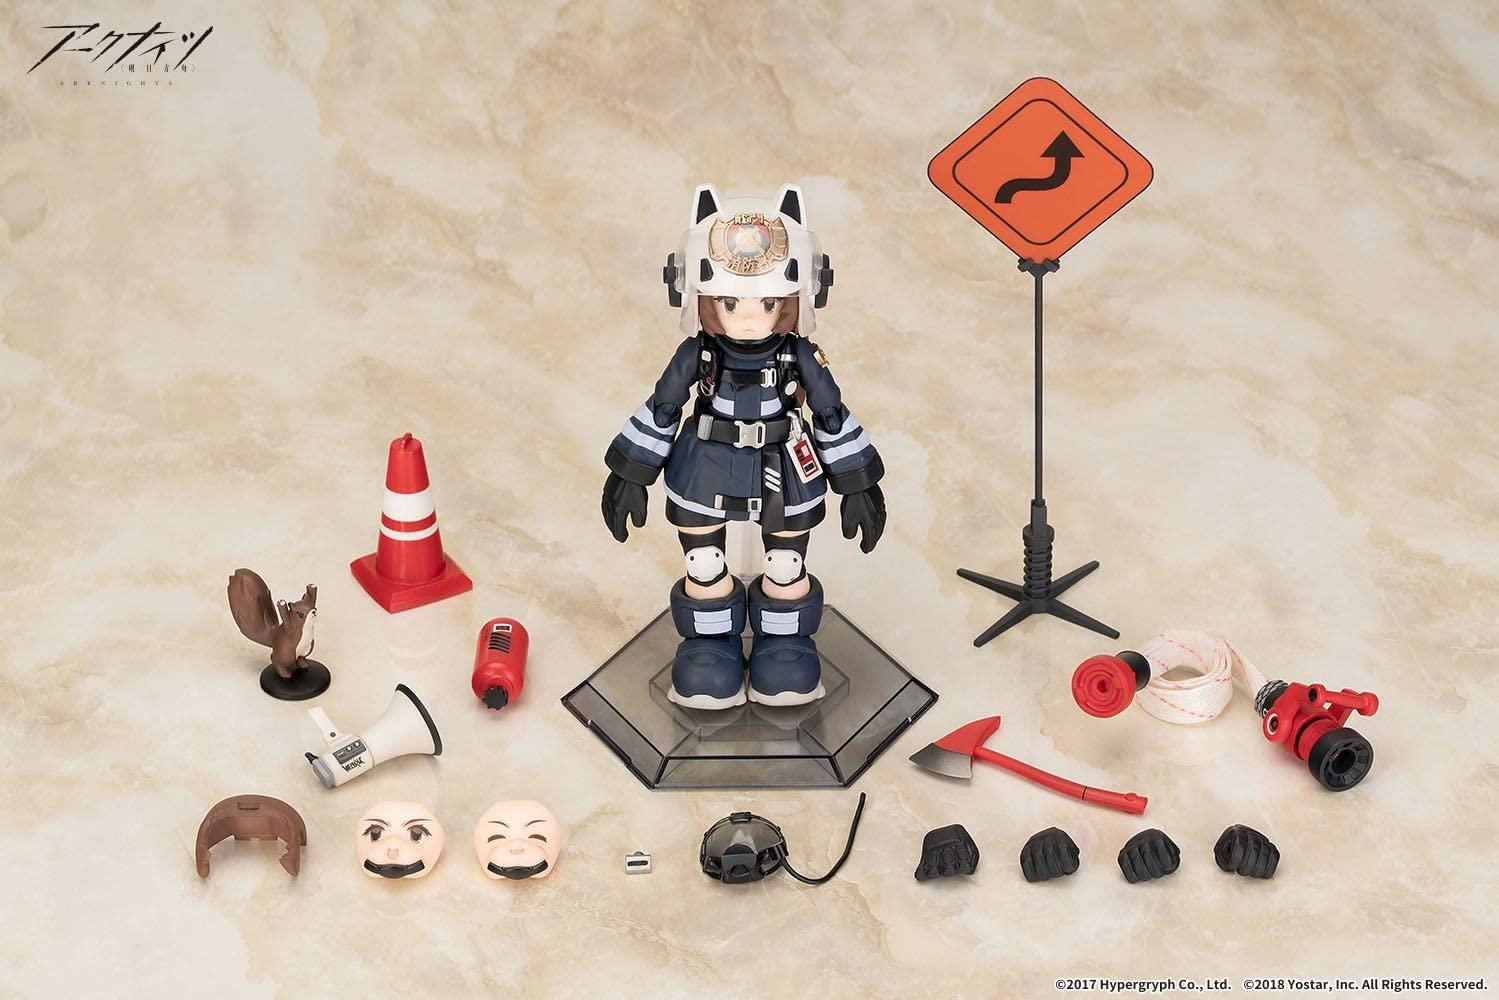 APEX ARCTECHシリーズ『ショウ』アークナイツ 1/8 可動フィギュア-001